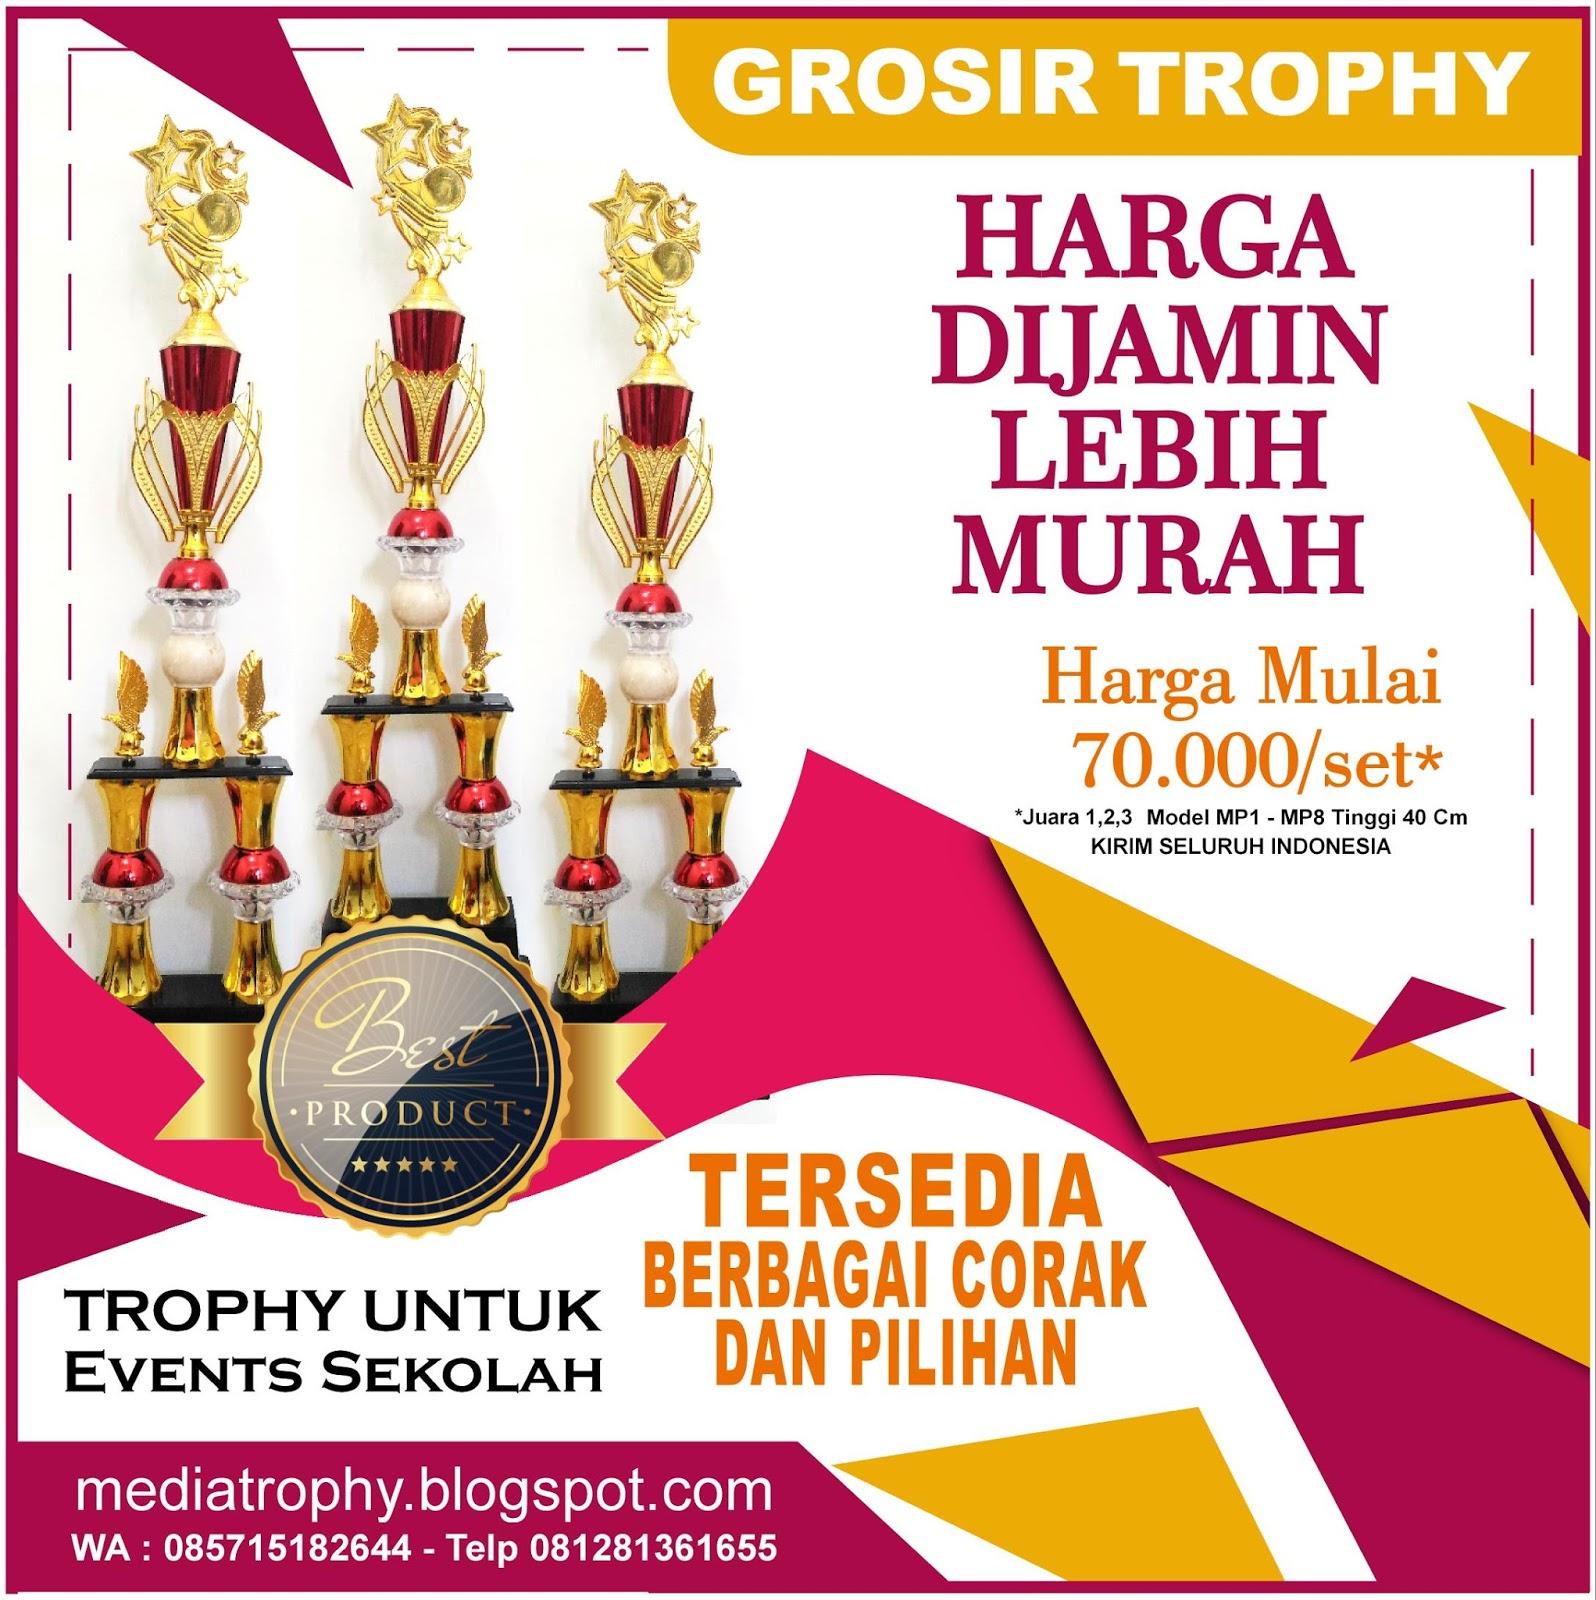 Grosir Trophy